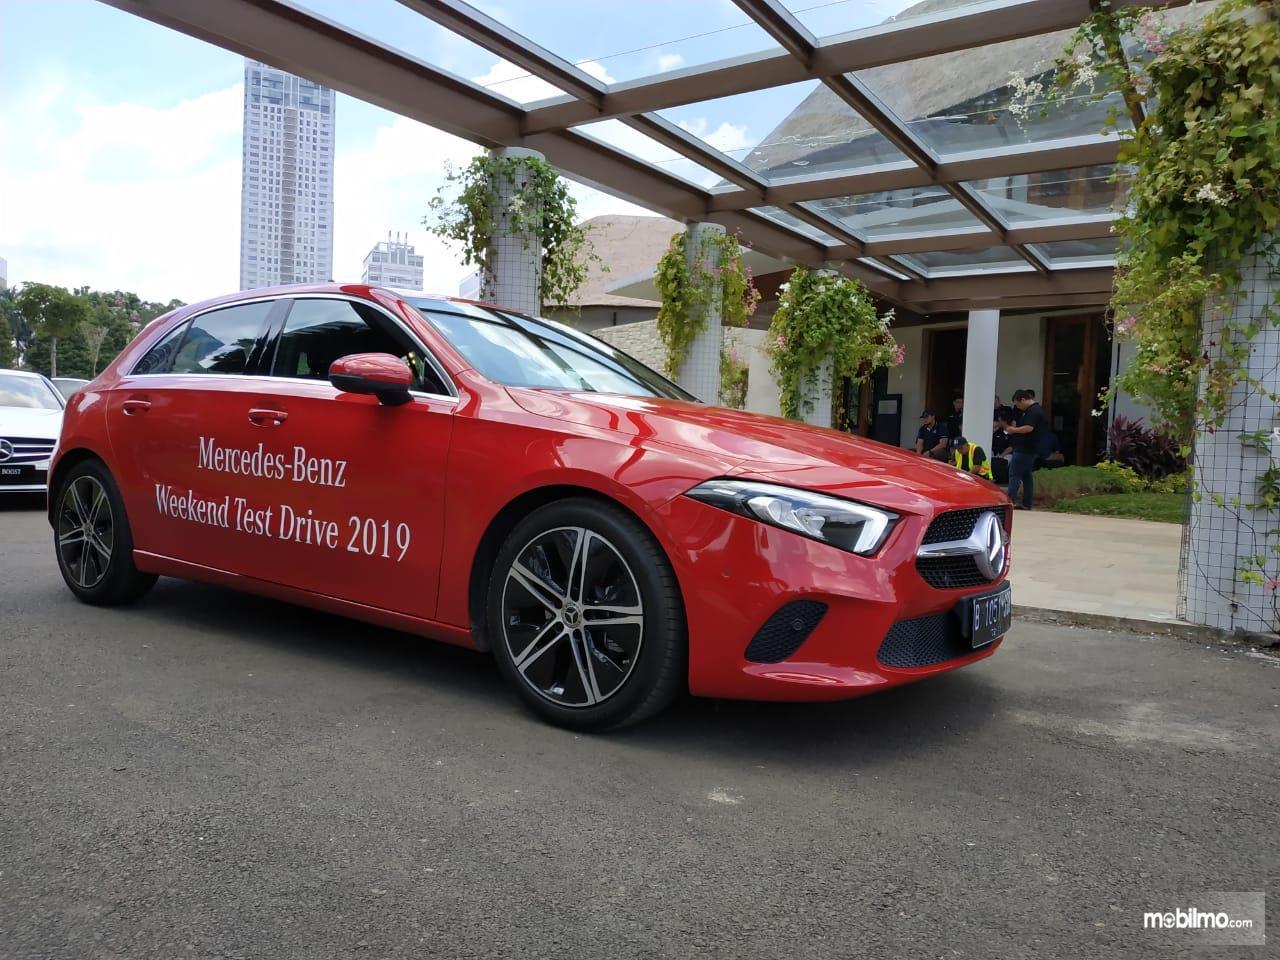 Review Mercedes-Benz A 200 Progressive Line 2019: Tampak tampilan depan Mercedes-Benz A 200 Progressive Line 2019